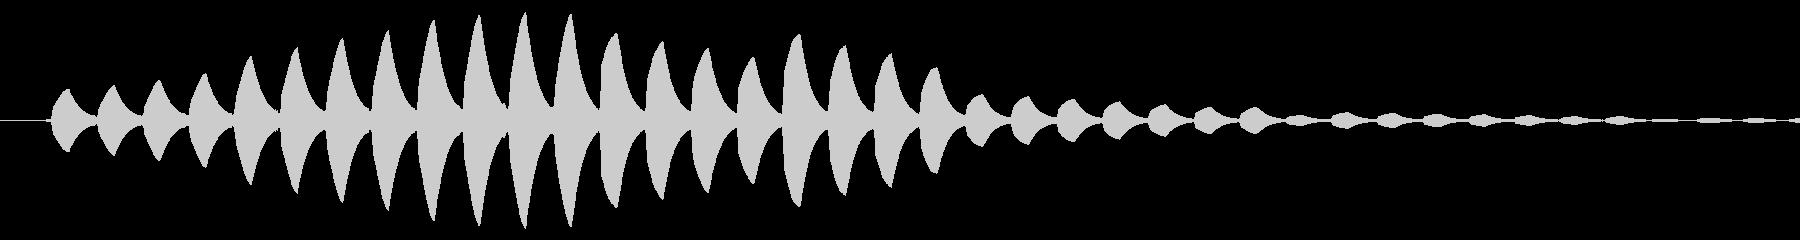 場面転換などで使われているようなピピピ音の未再生の波形